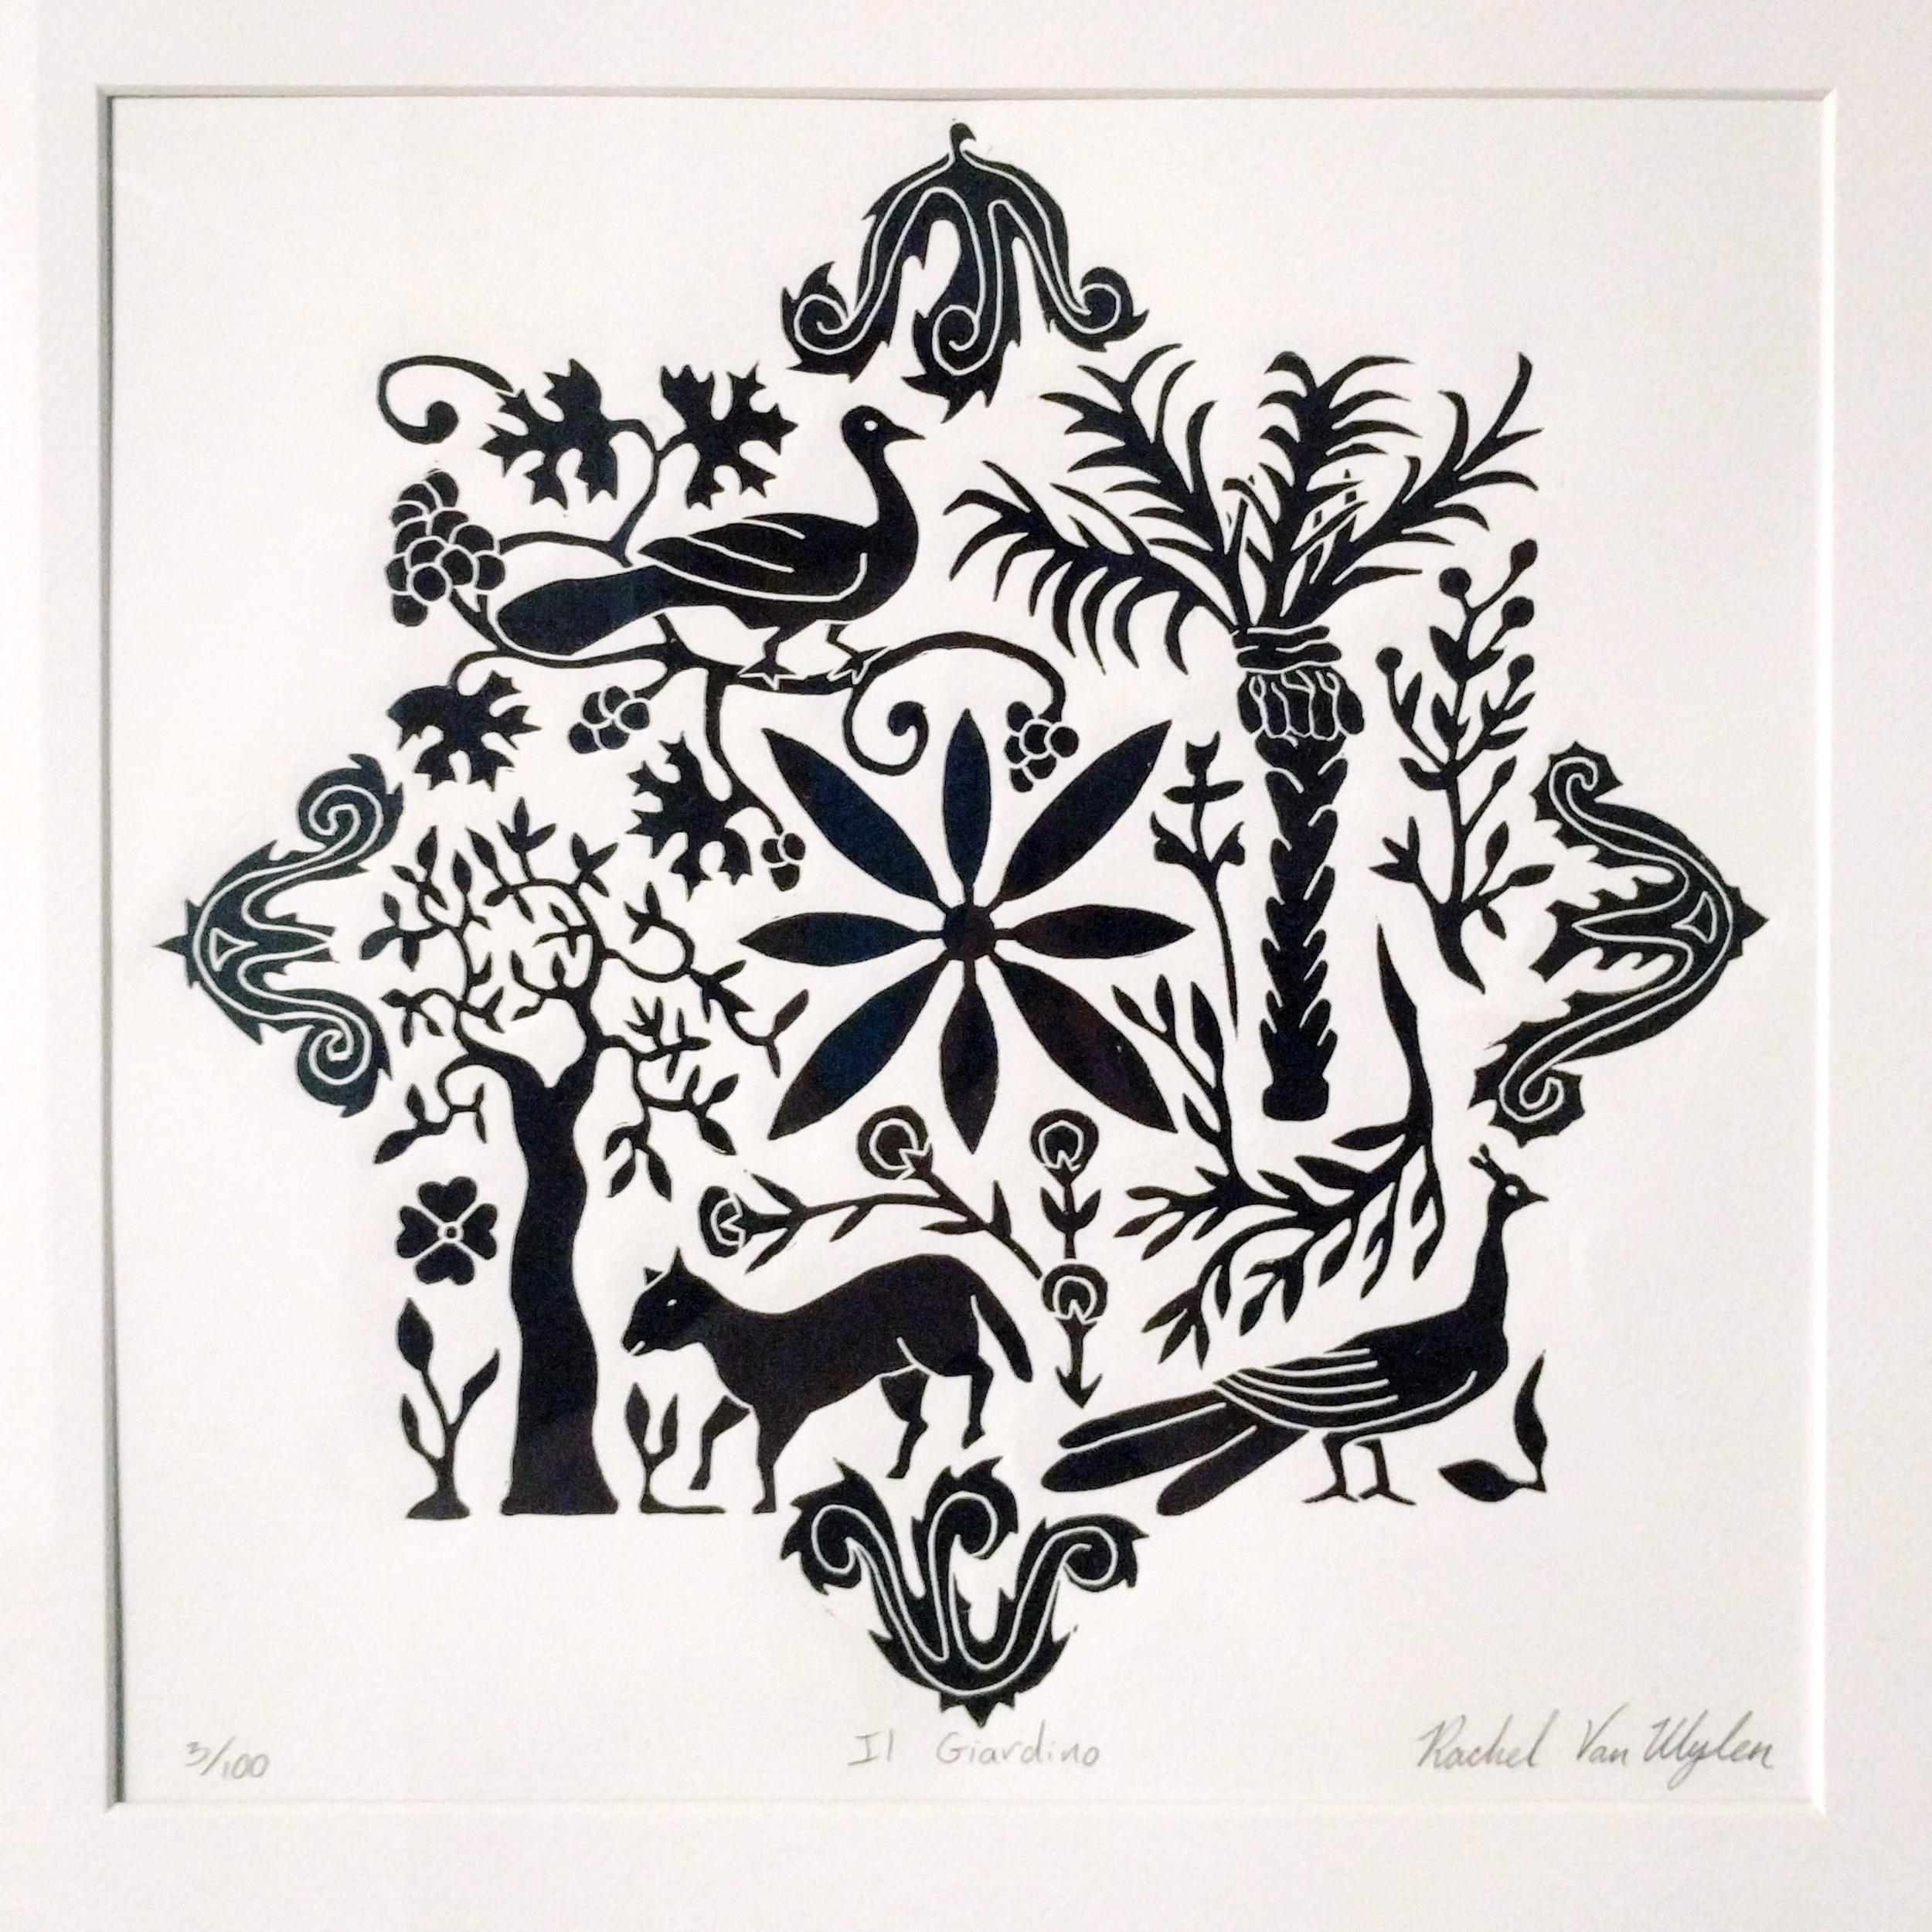 """Rachel Van Wylen """"Il Giardino"""" 2015 linocut, 11 x 11 in."""